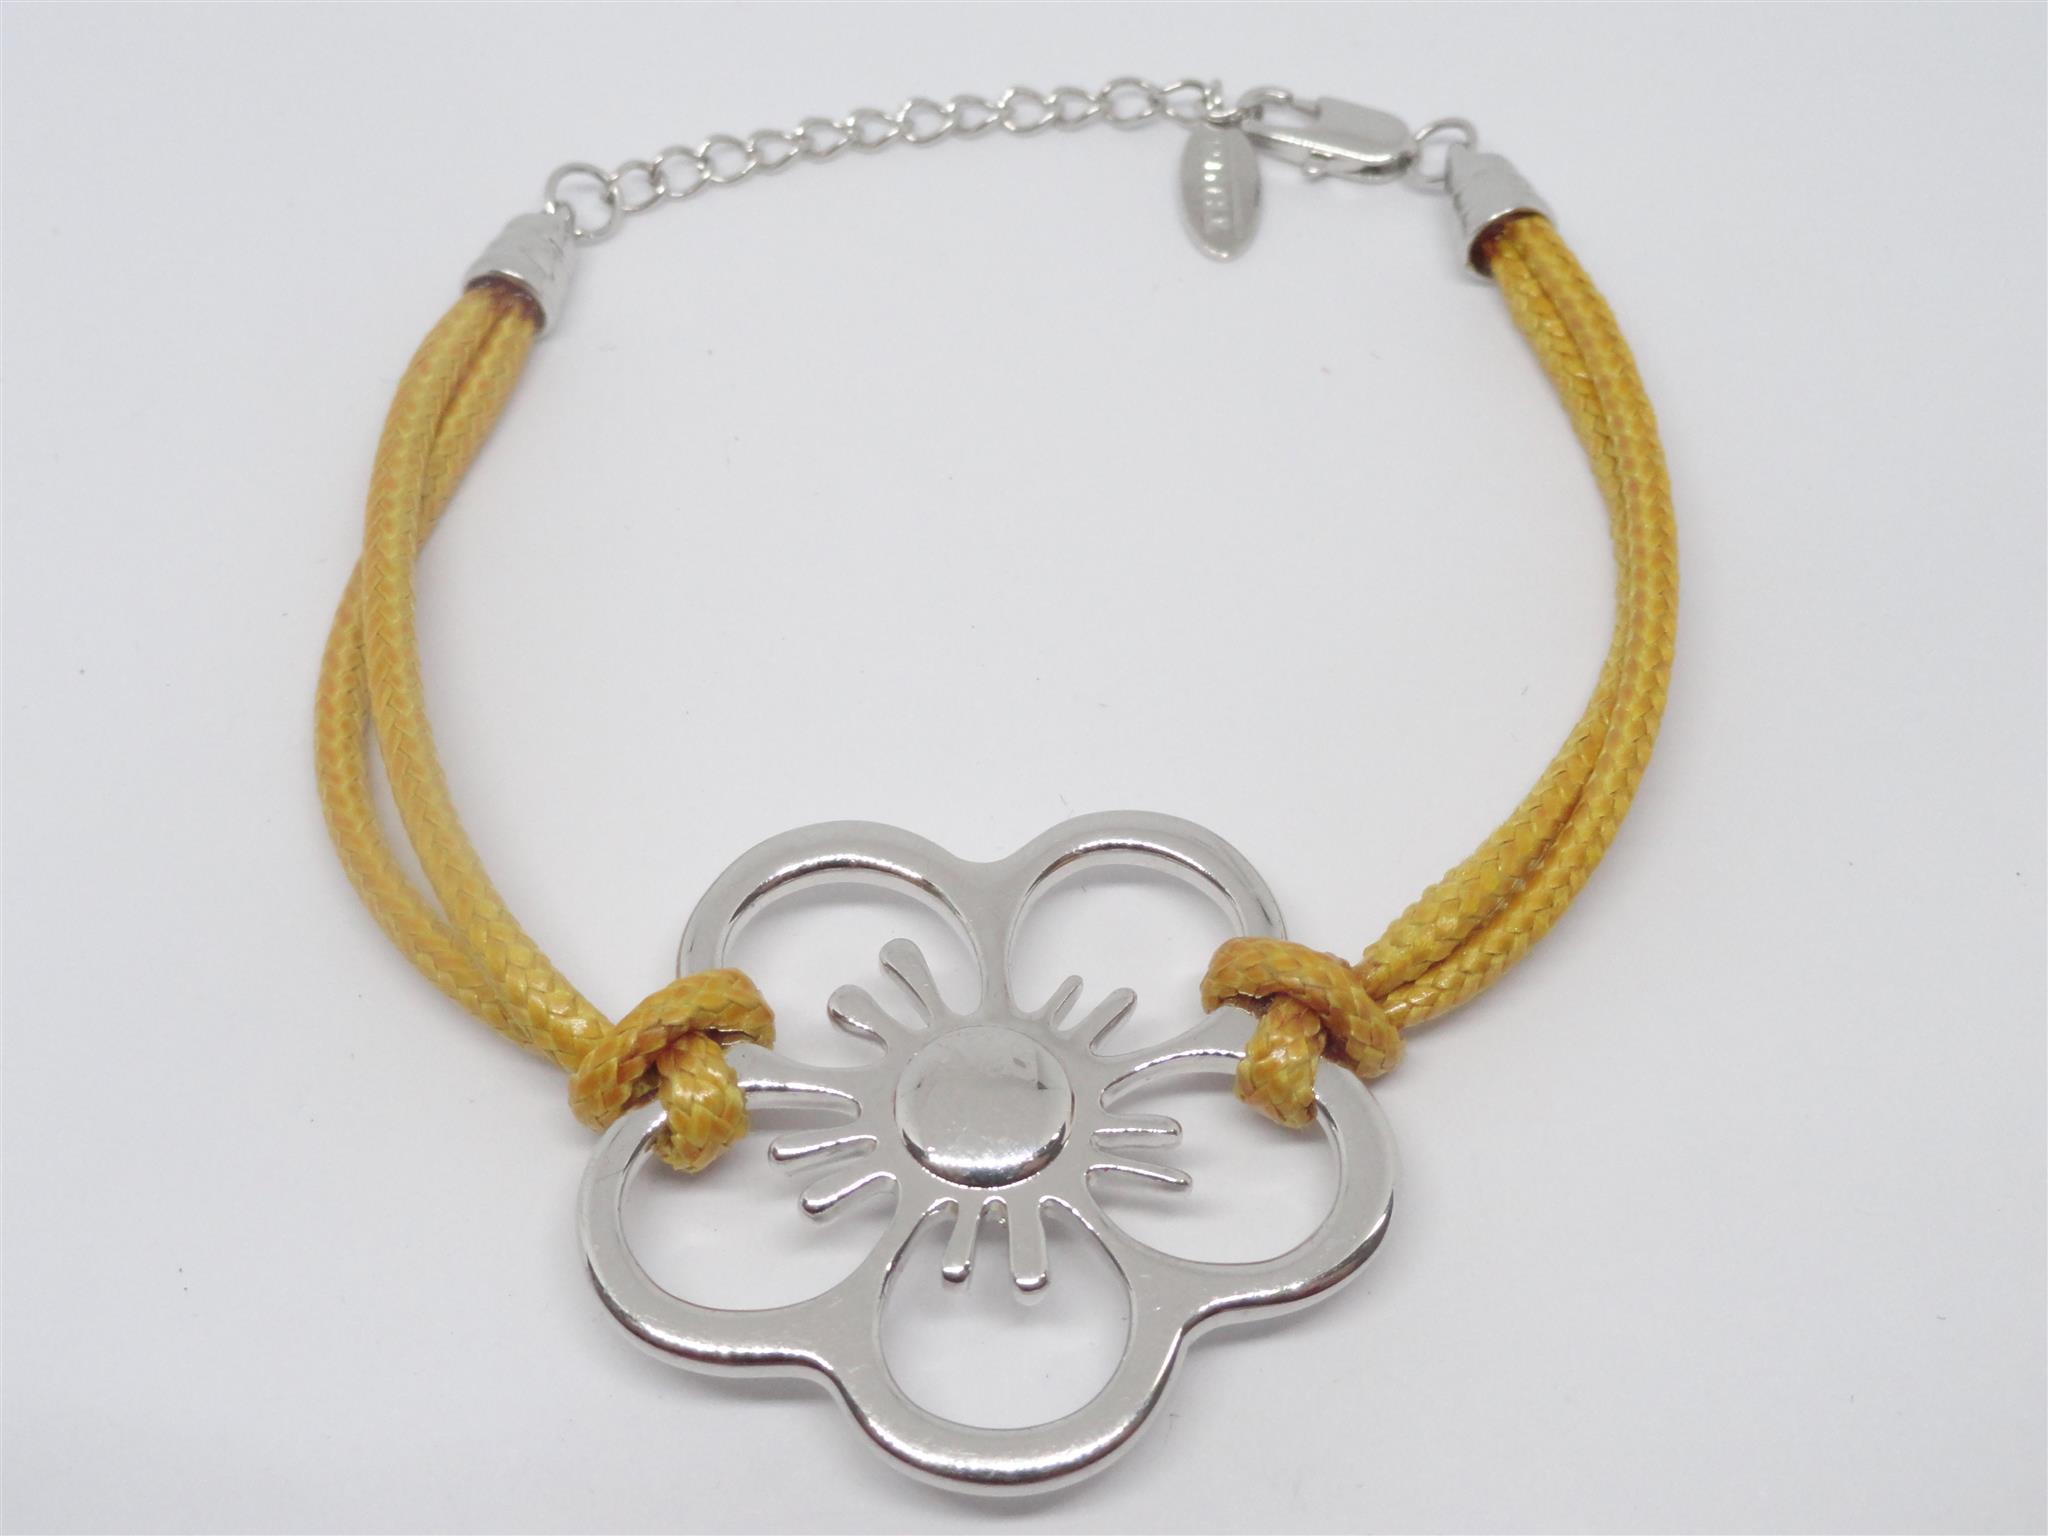 Bracciale acciaio thun fiore corda 273 vv money money for Thun in offerta